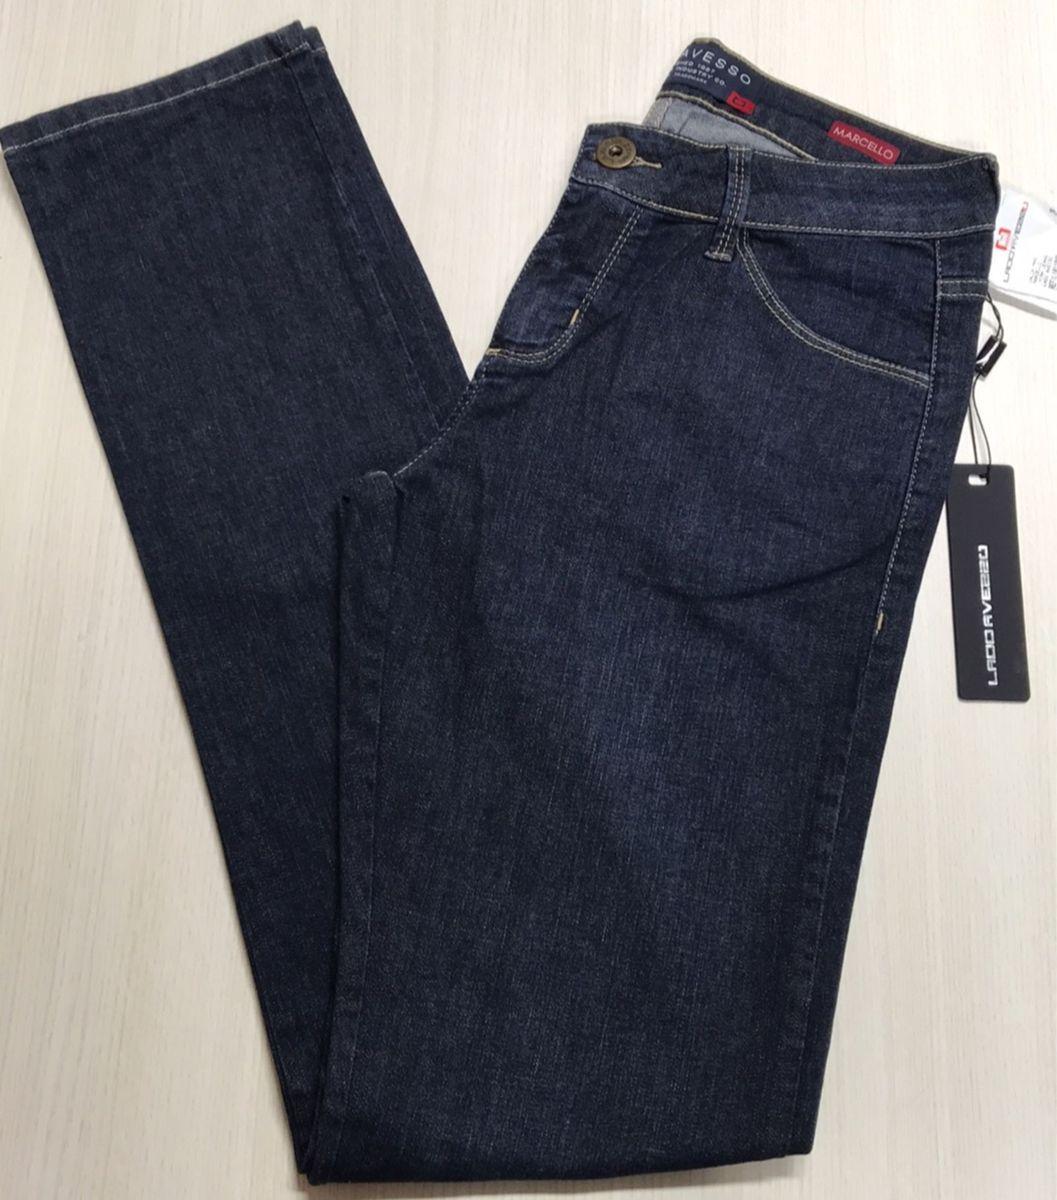 36ca0d4de Calça Jeans Masculina Lado Avesso | Calça Masculina Lado Avesso ...